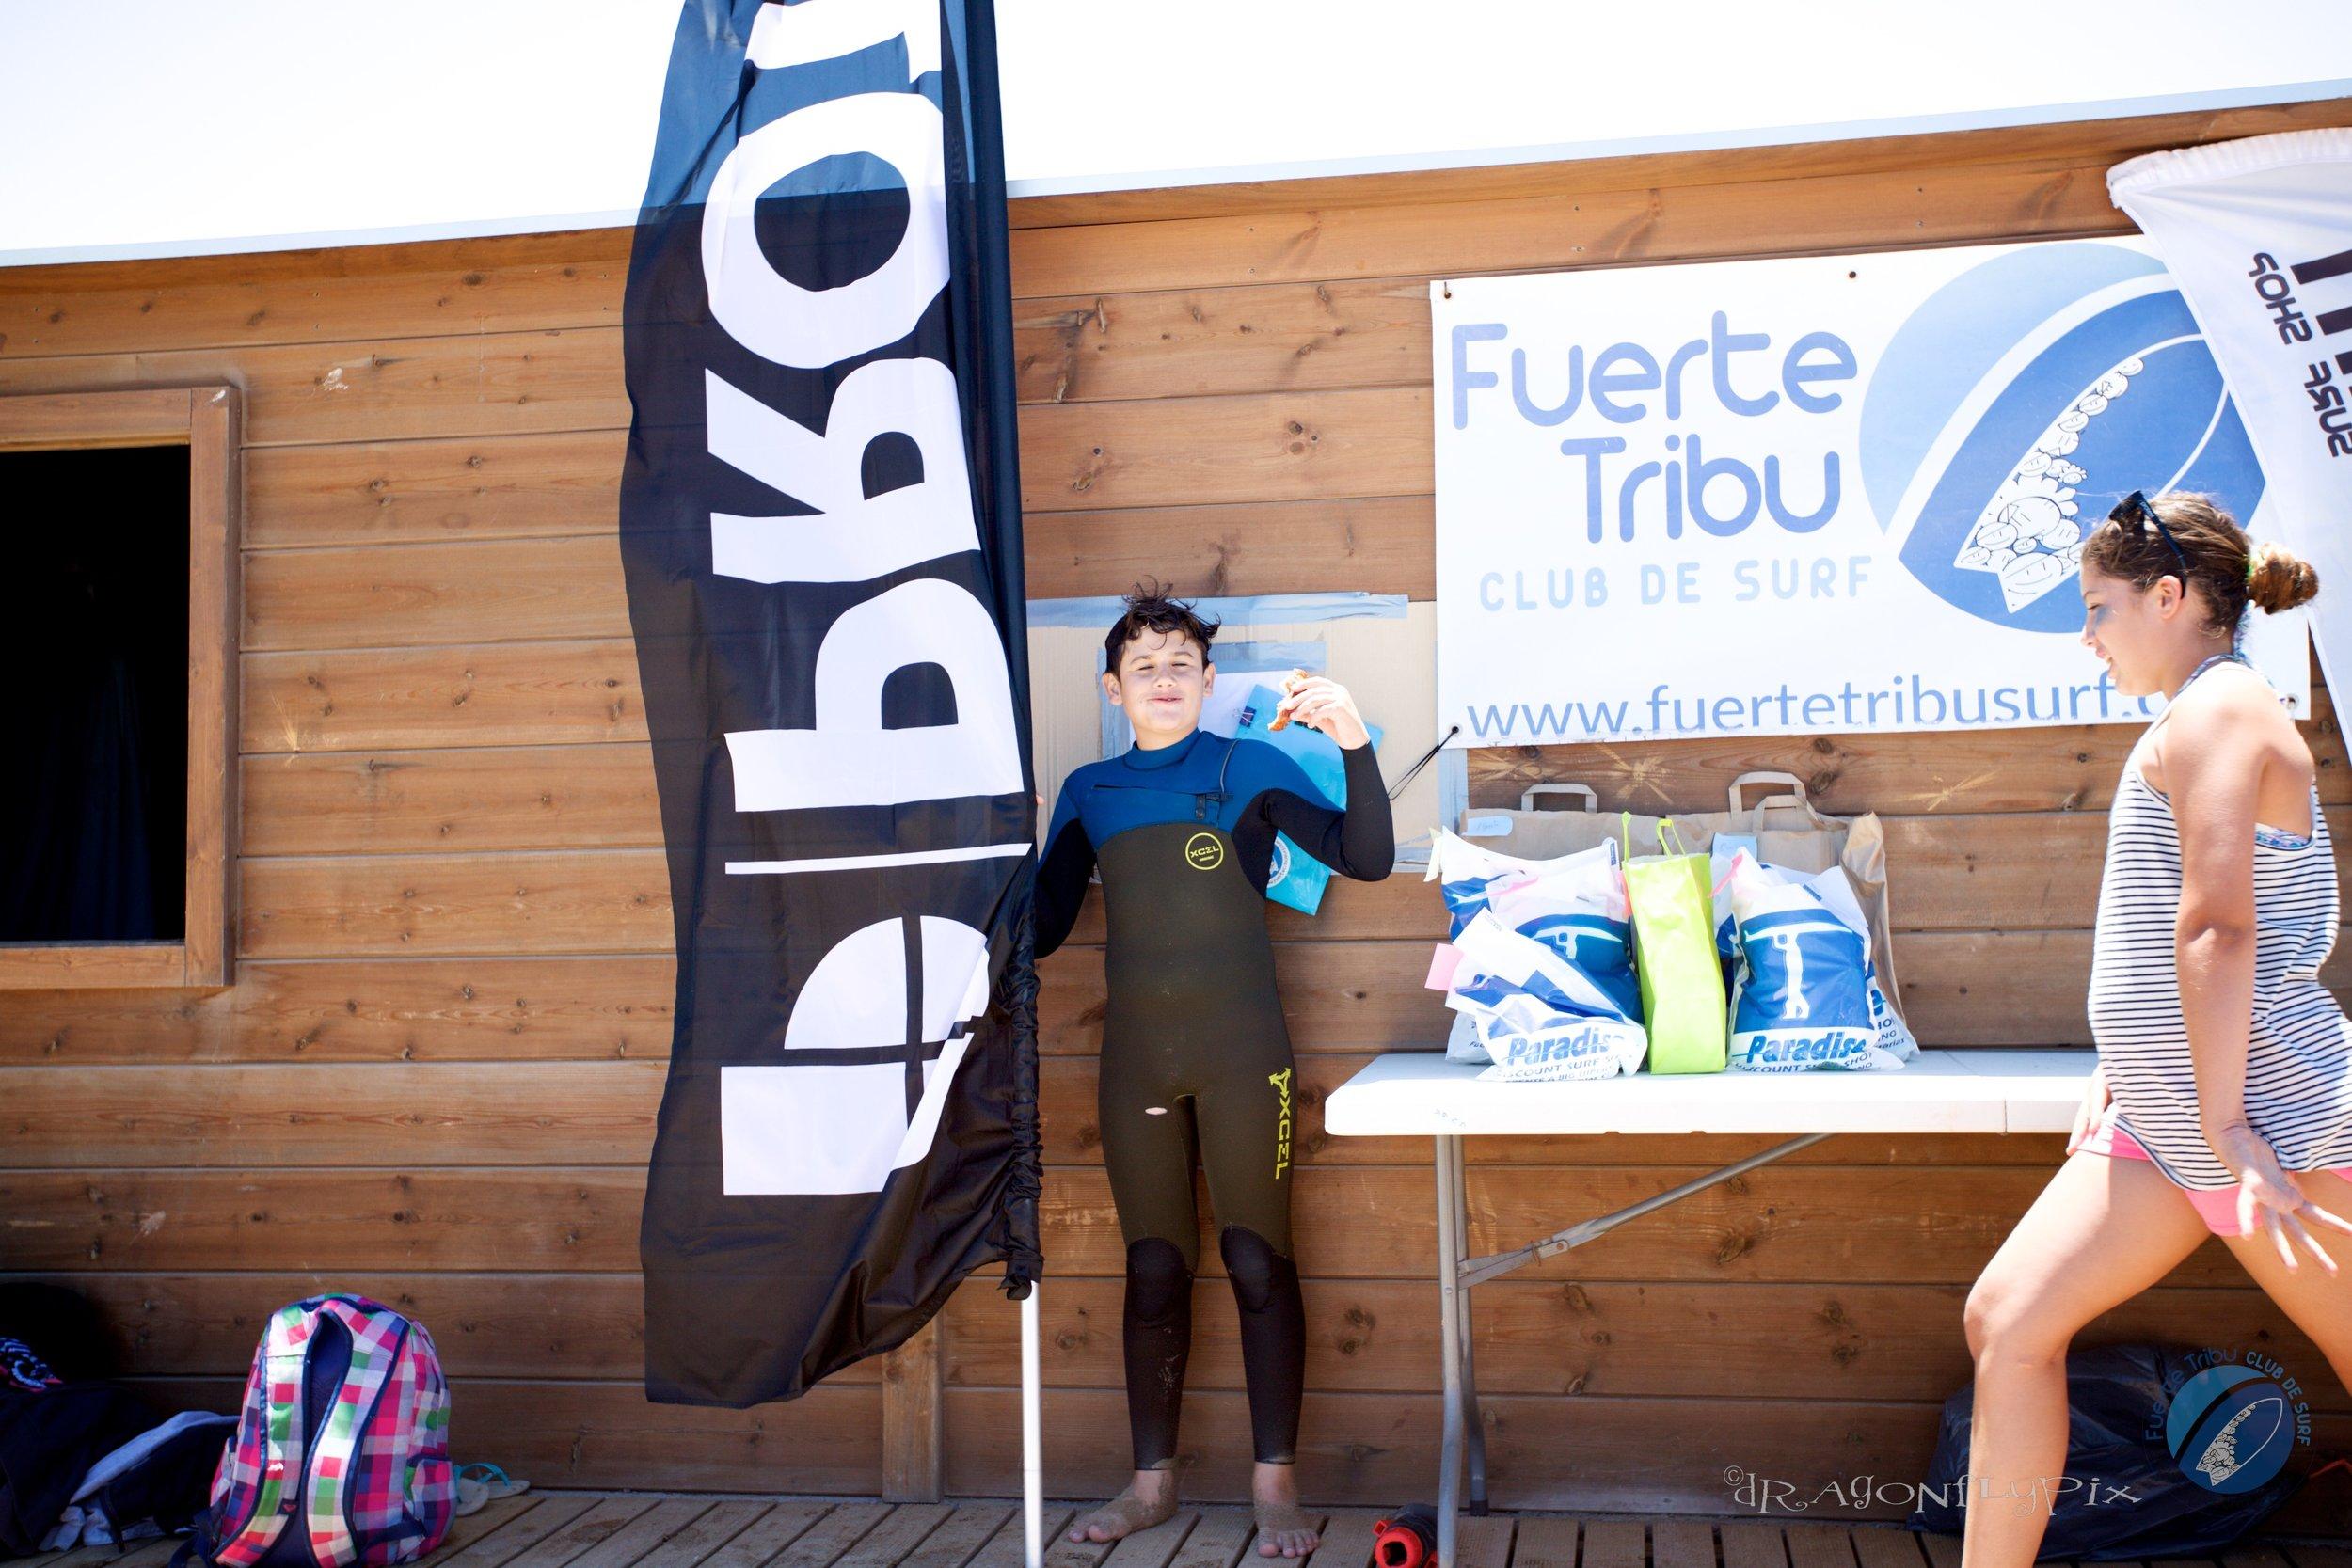 FUERTETRIBU_INTRACLUB_SURF_CAMPEONATO_KIDSIMG_0987.jpg